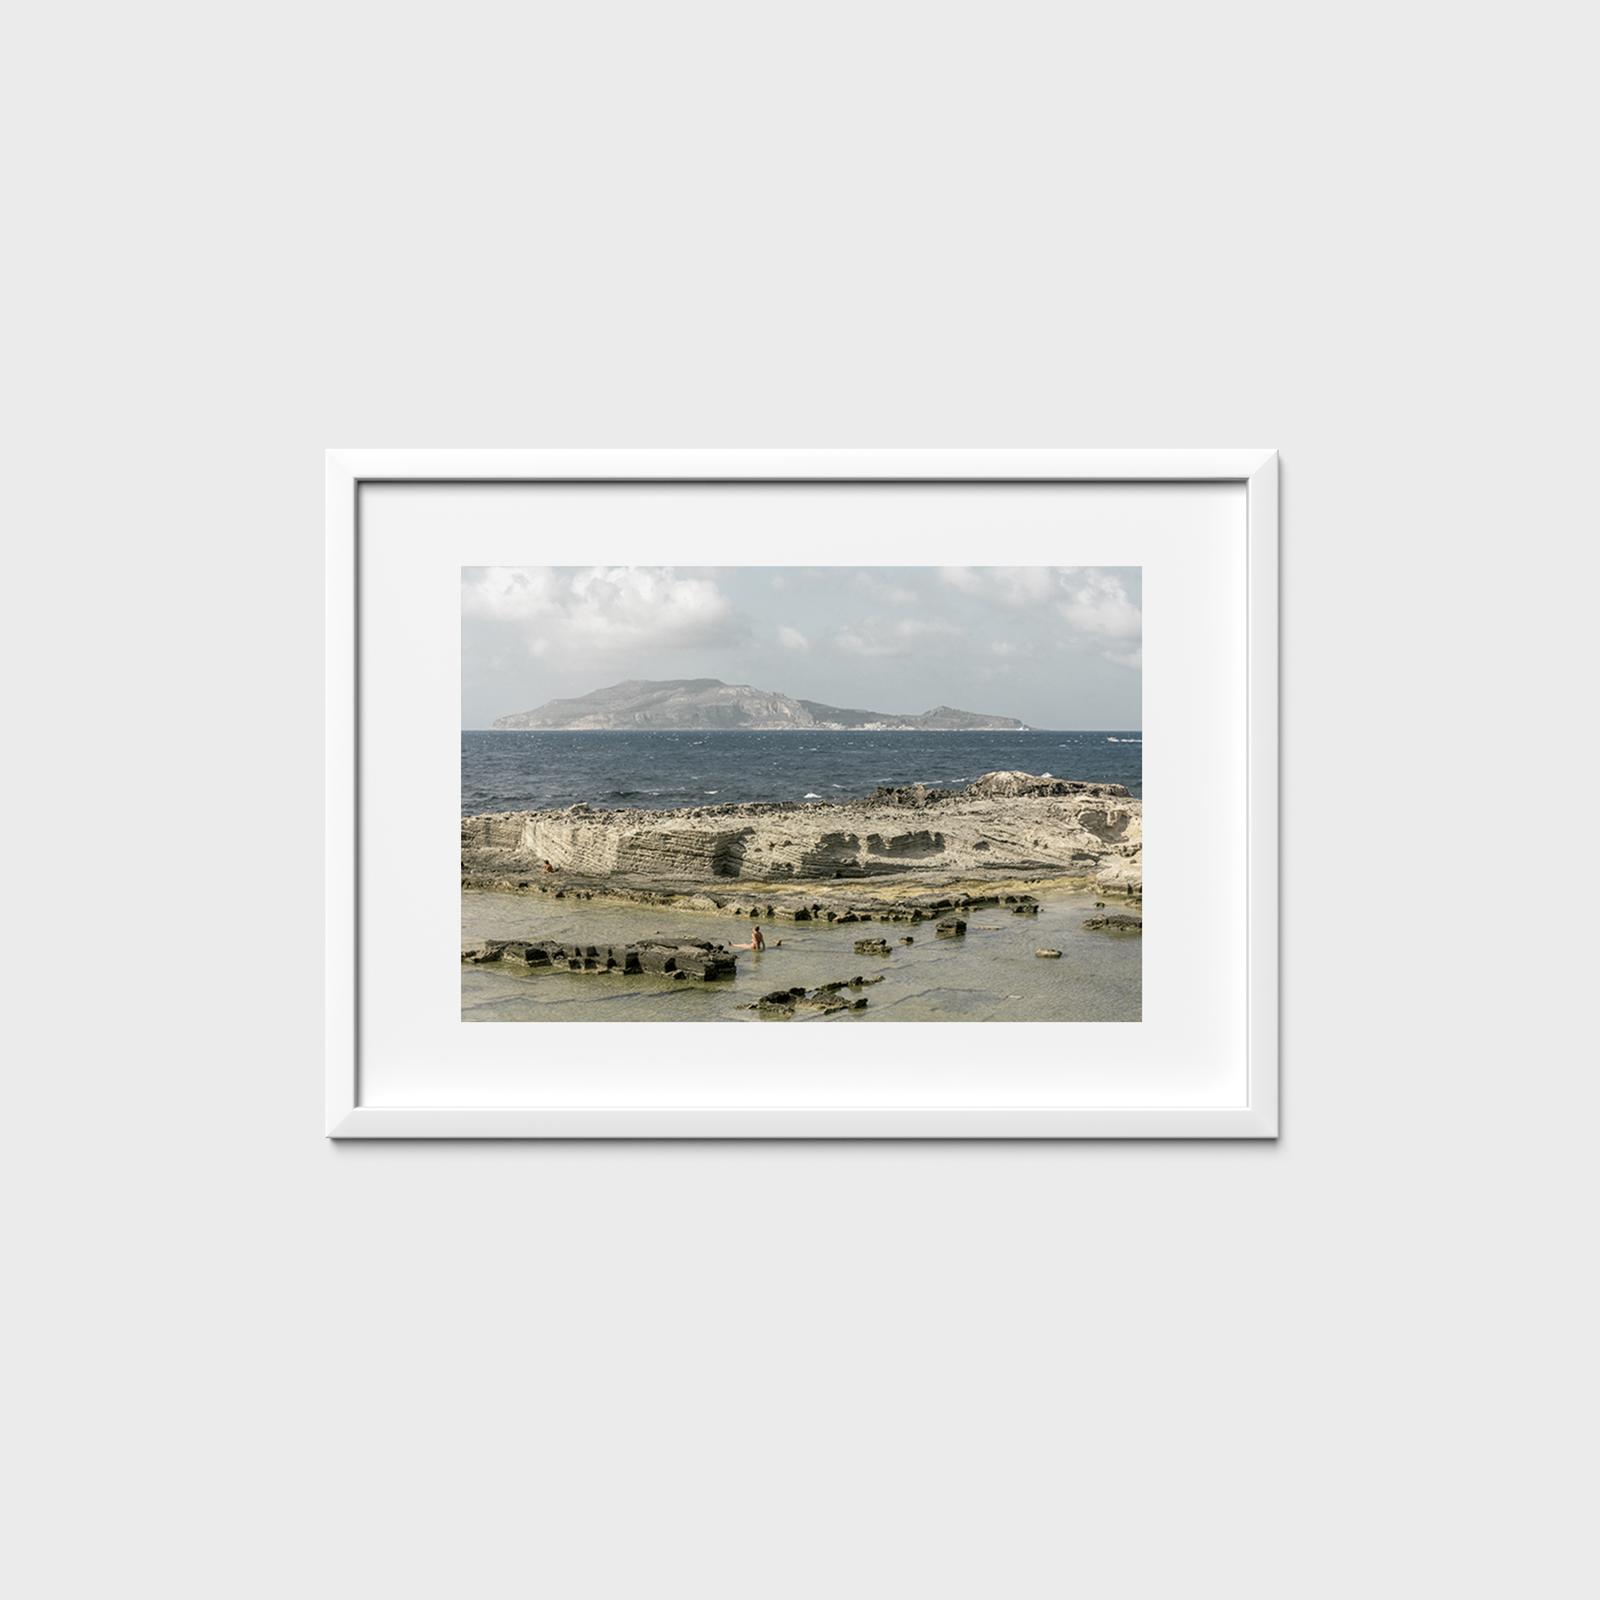 Isola di Favignana, Sicily